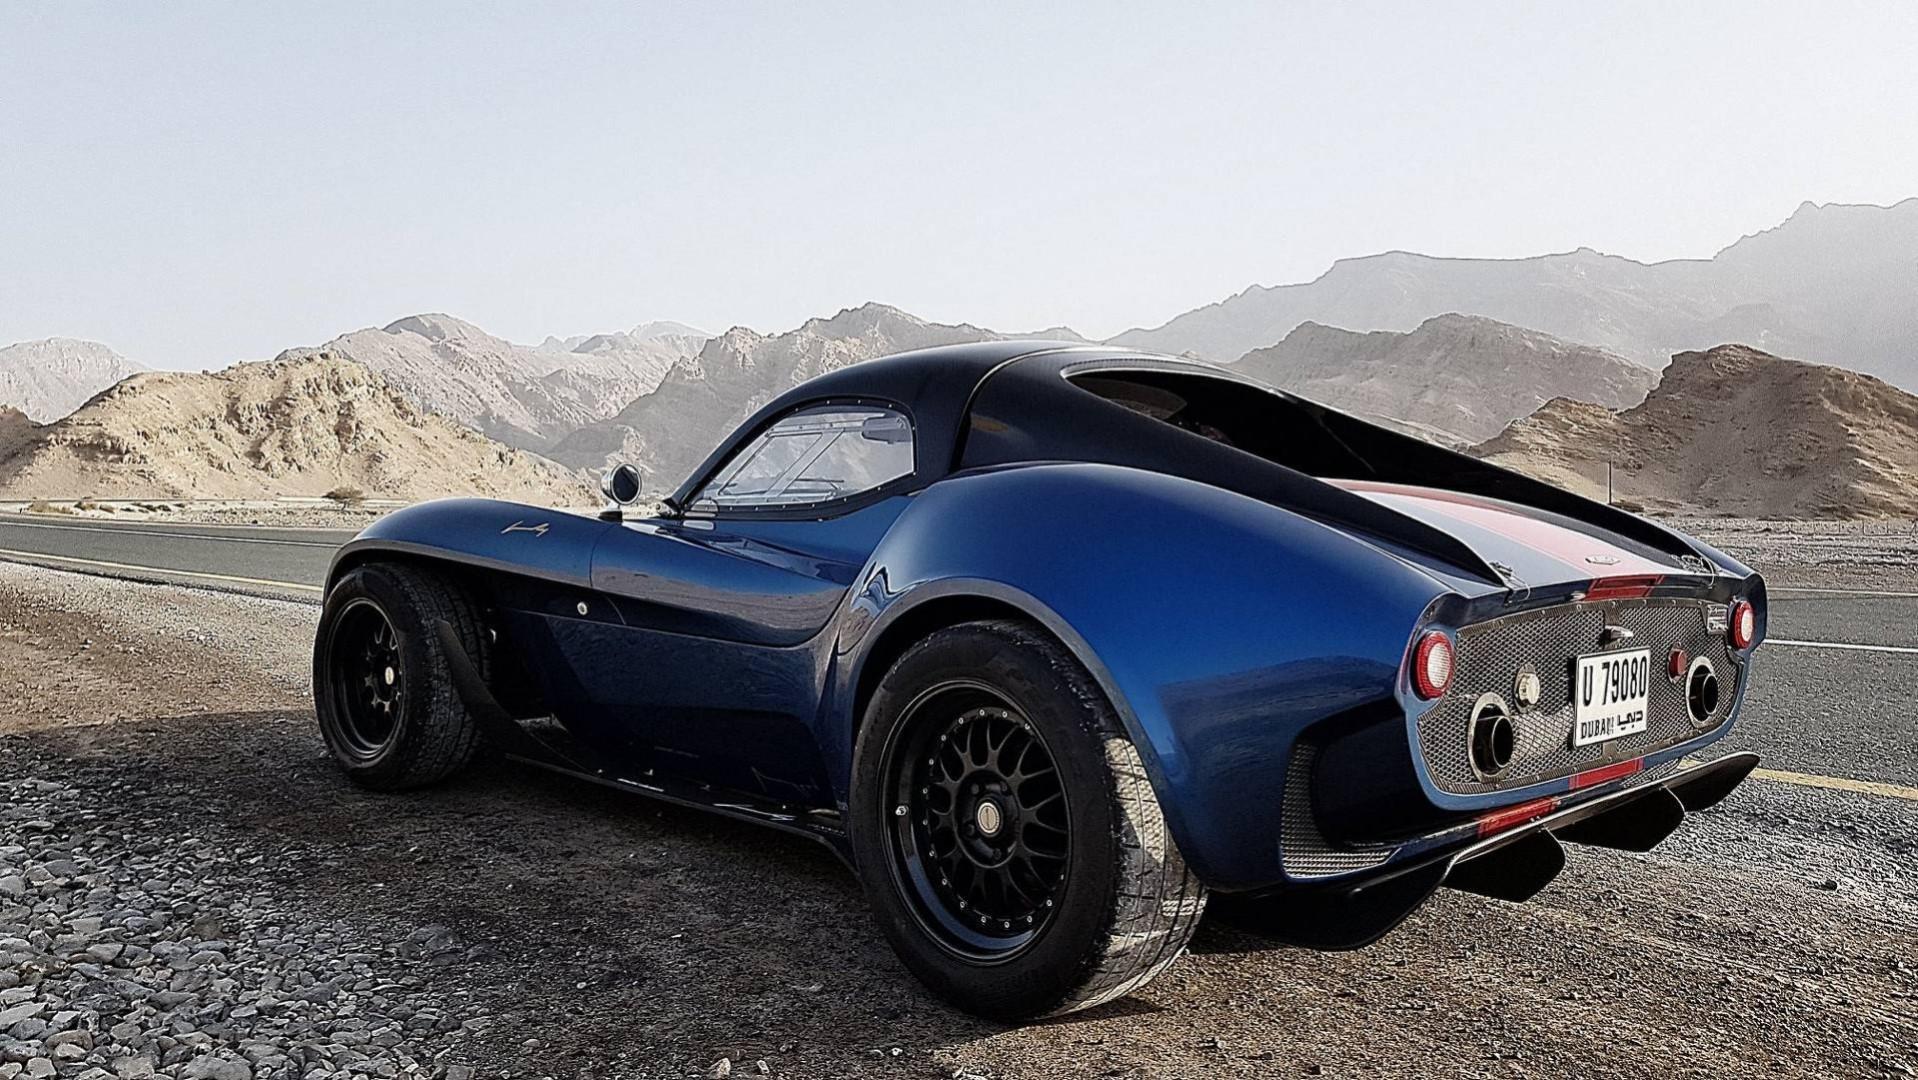 Jannarelly Design-1 limitée à 499 exemplaires prend l'air dans les montagnes de Dubaï !